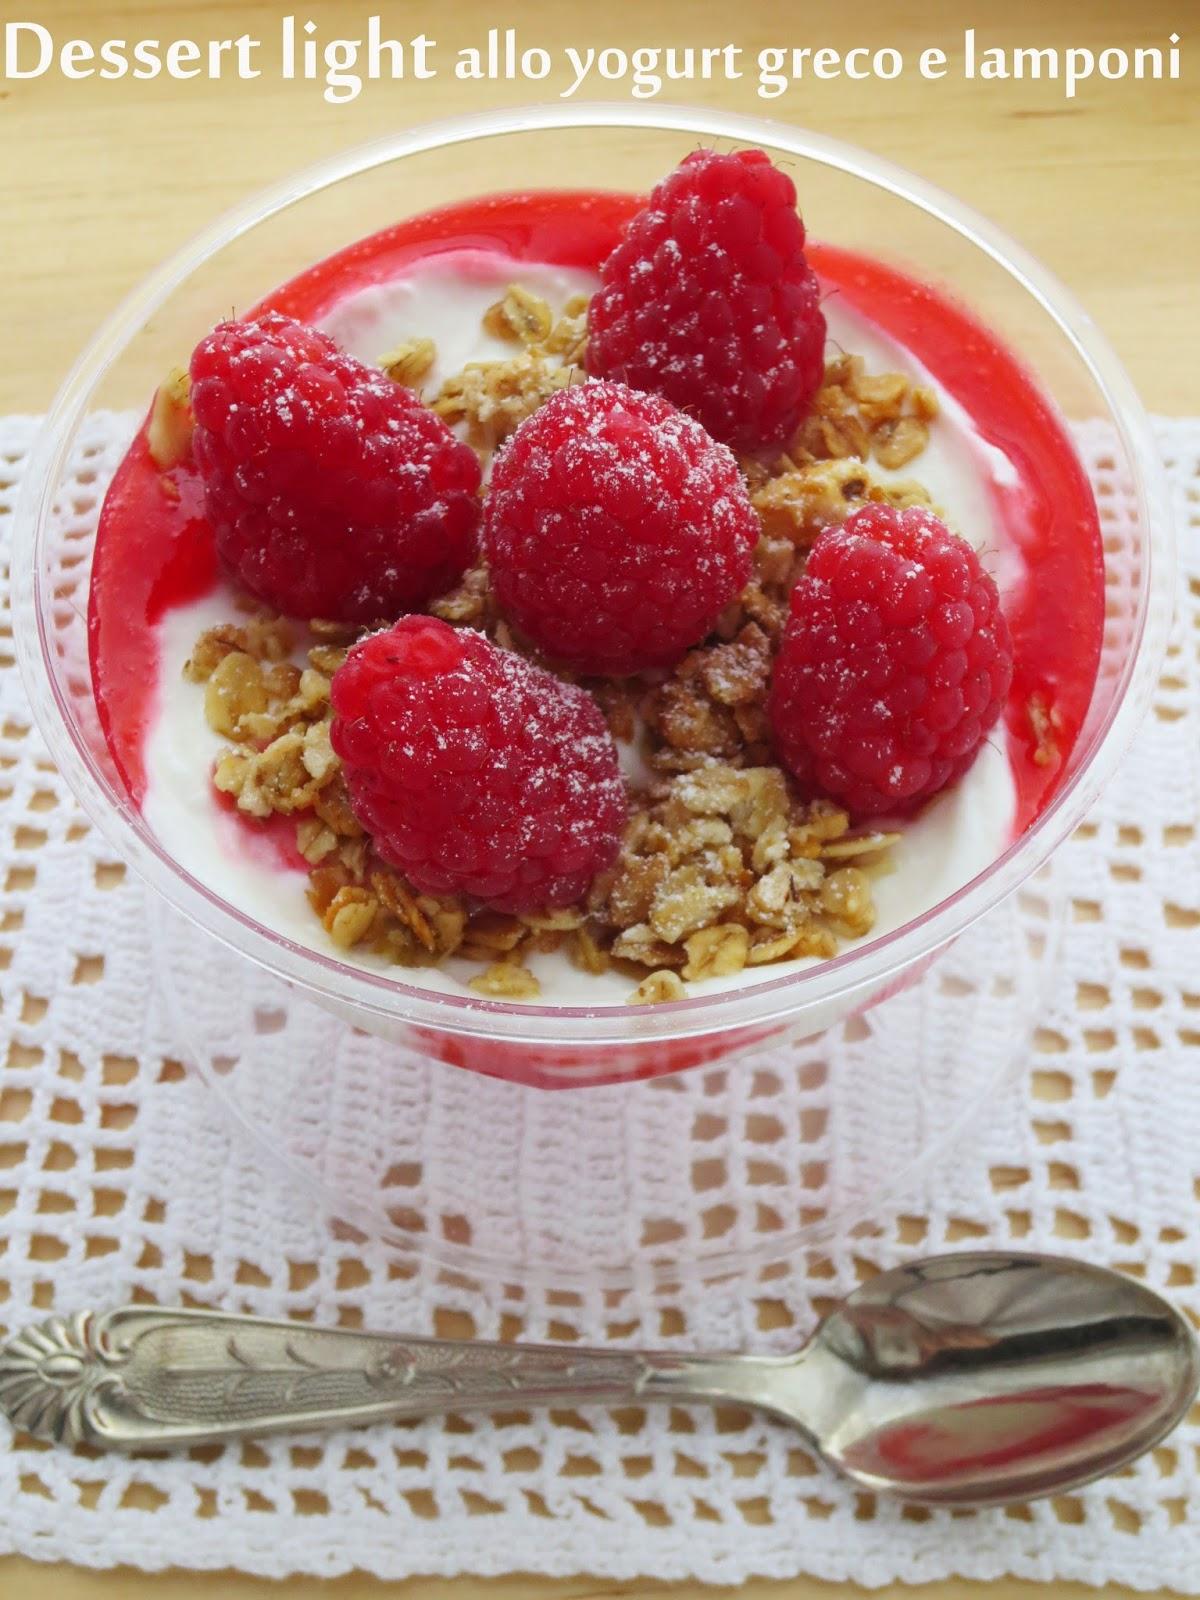 dessert light allo yogurt greco e lamponi